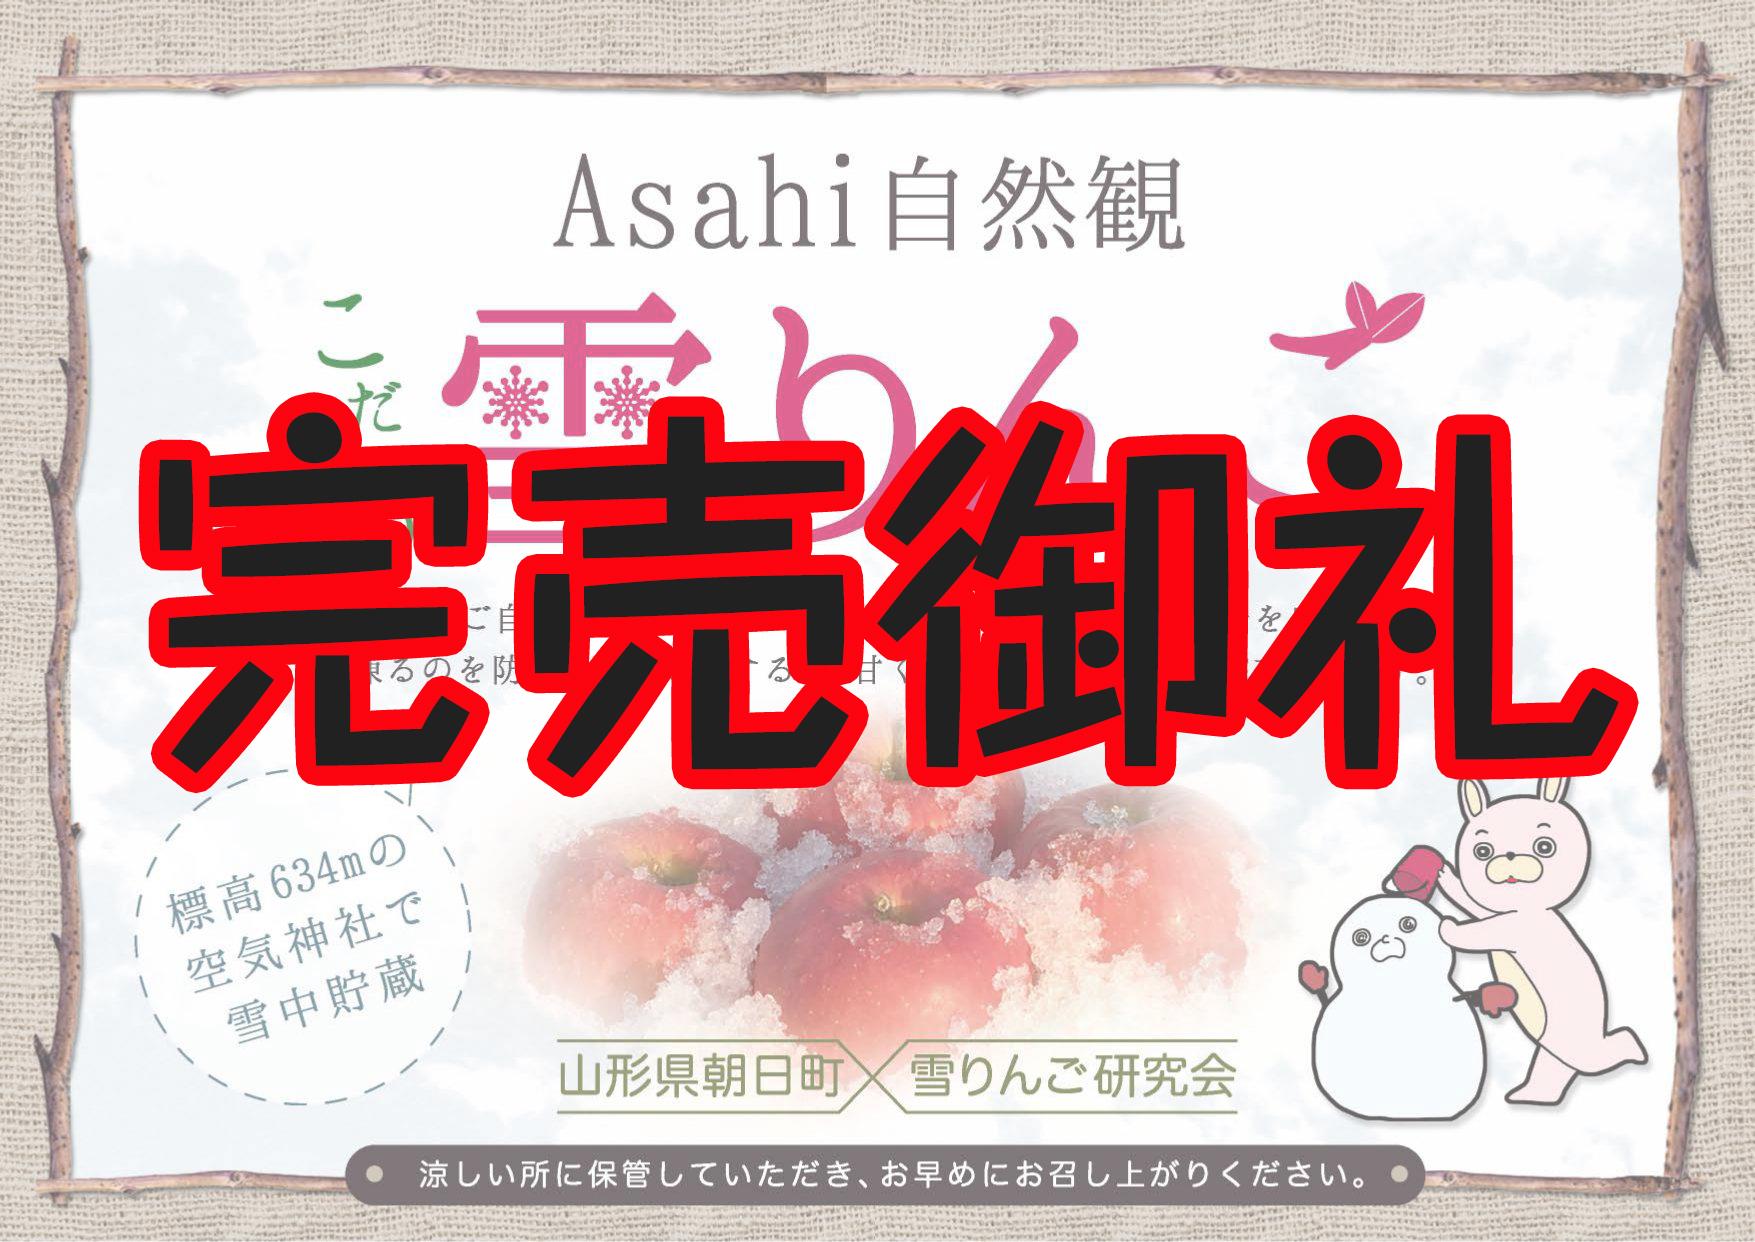 【完売御礼】雪りんご完売のお知らせ:画像